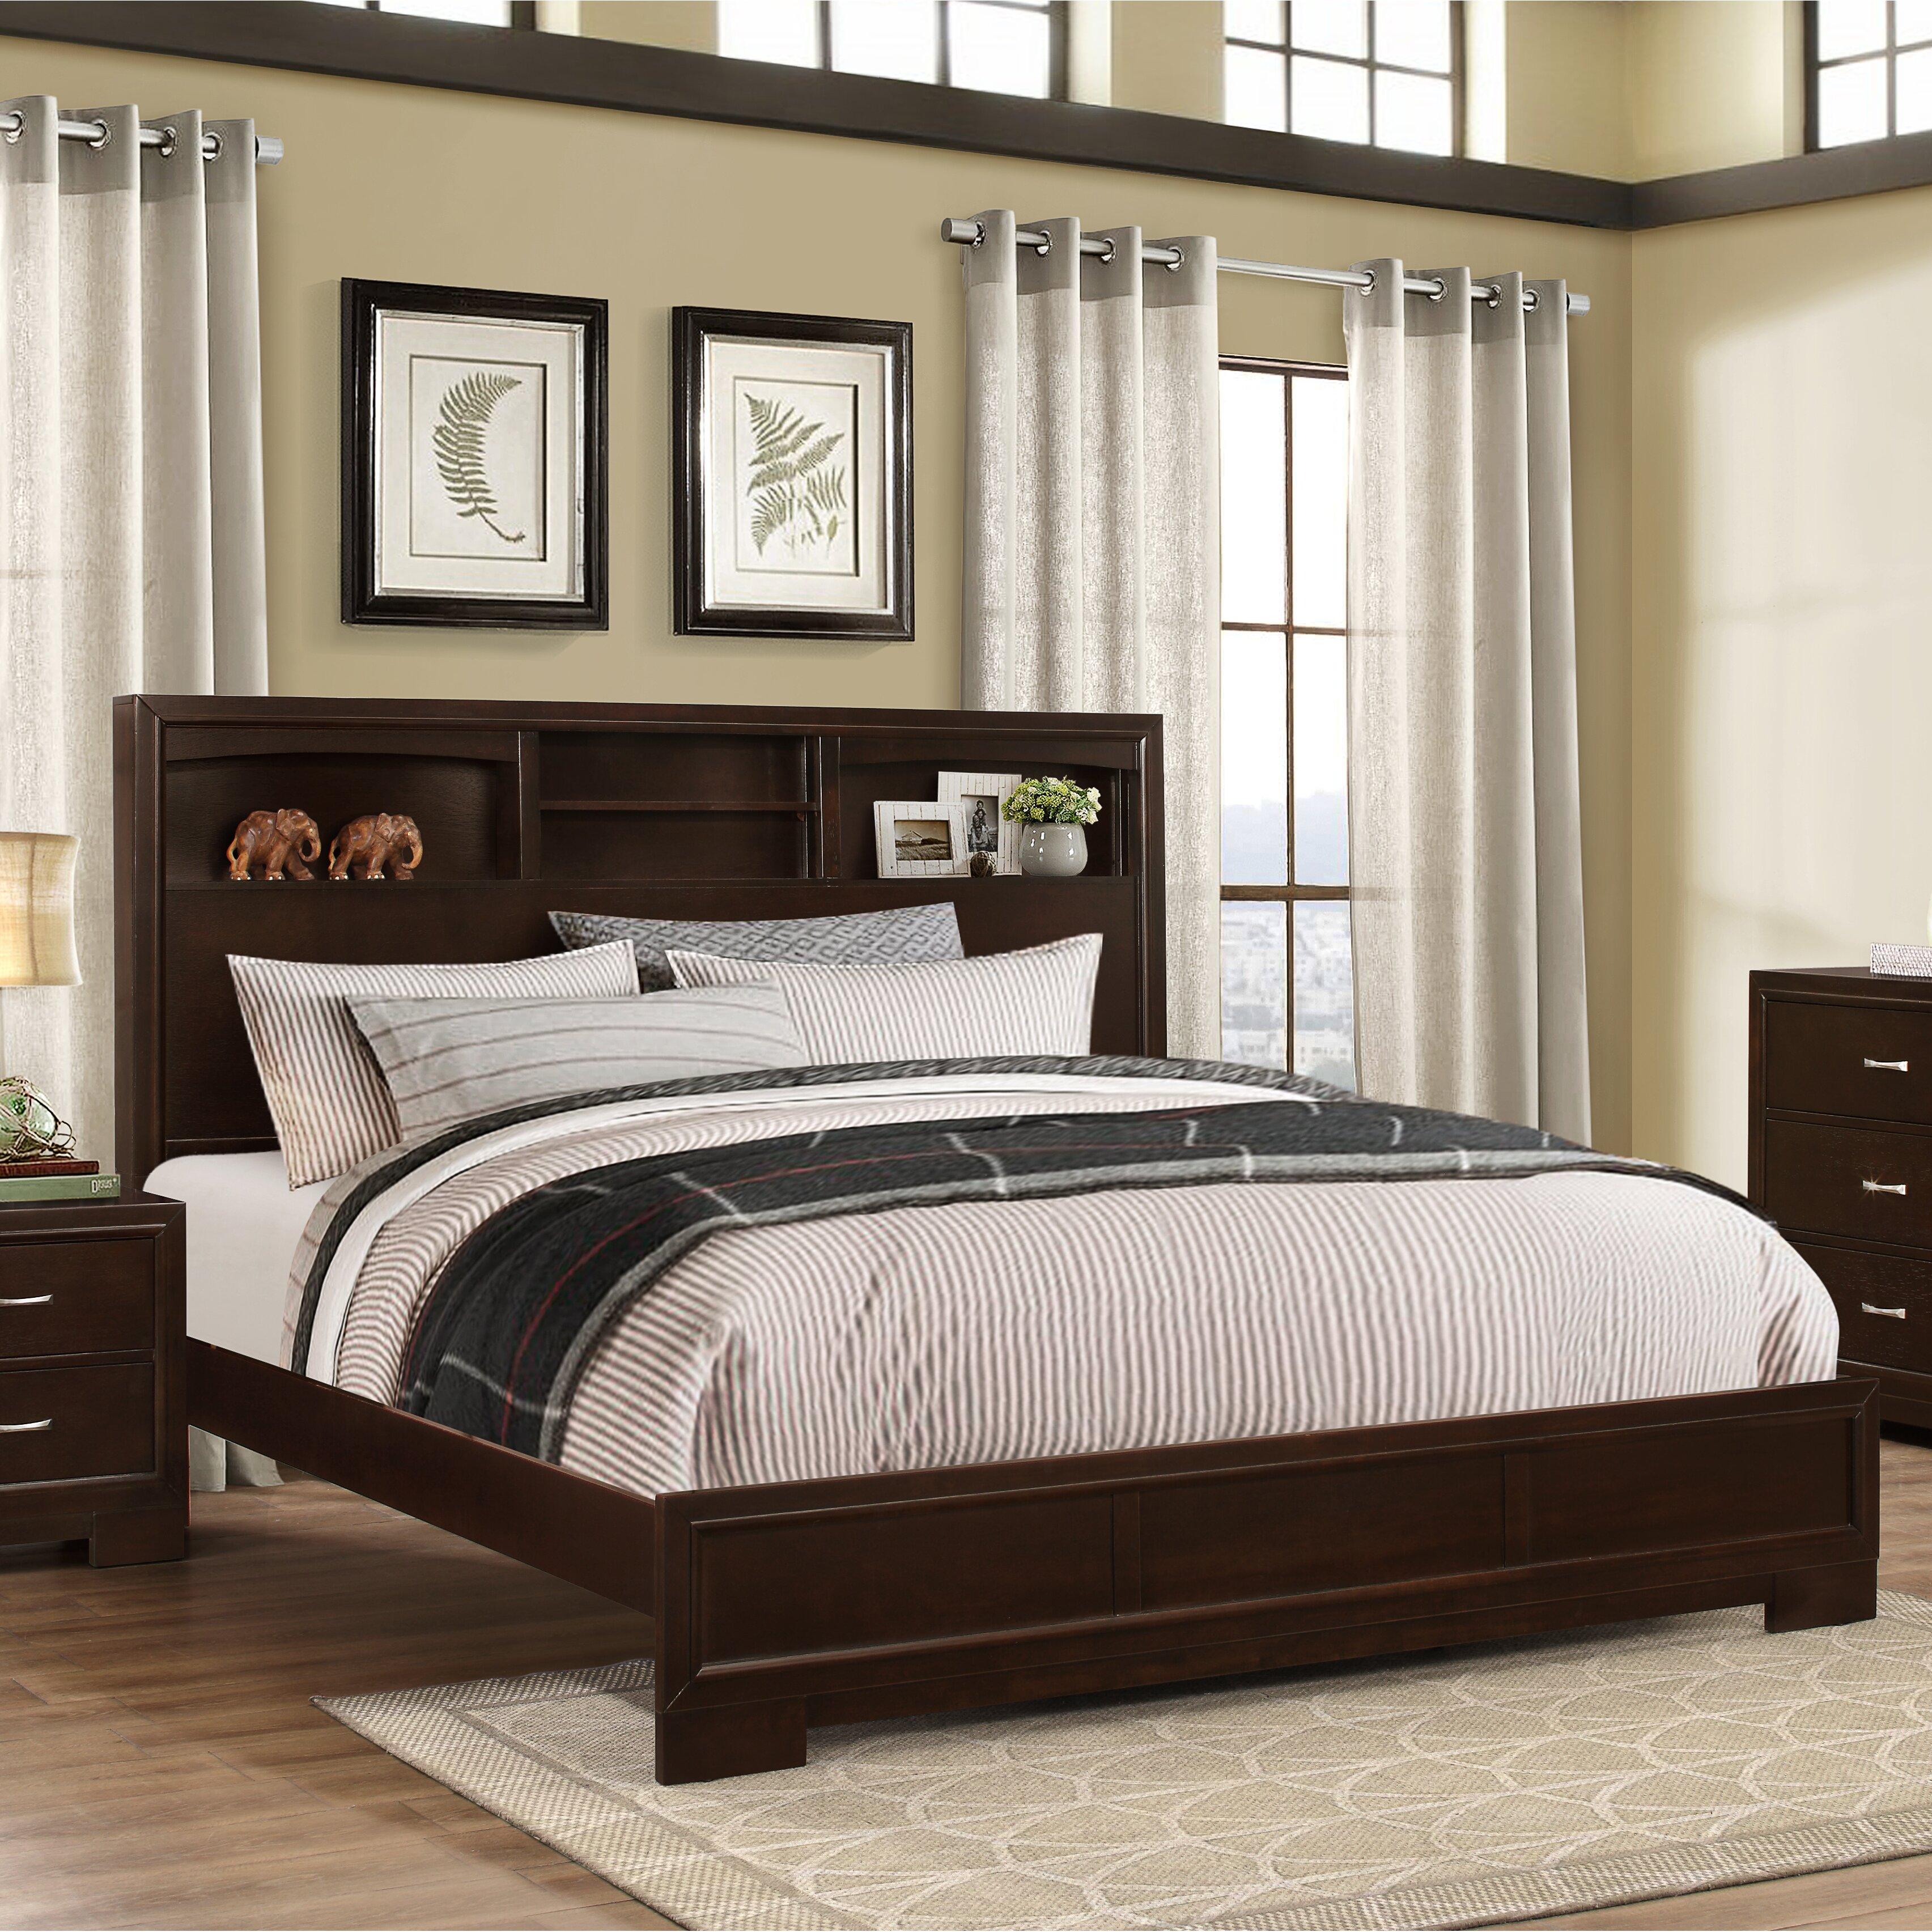 furniture montana panel 4 piece bedroom set reviews wayfair